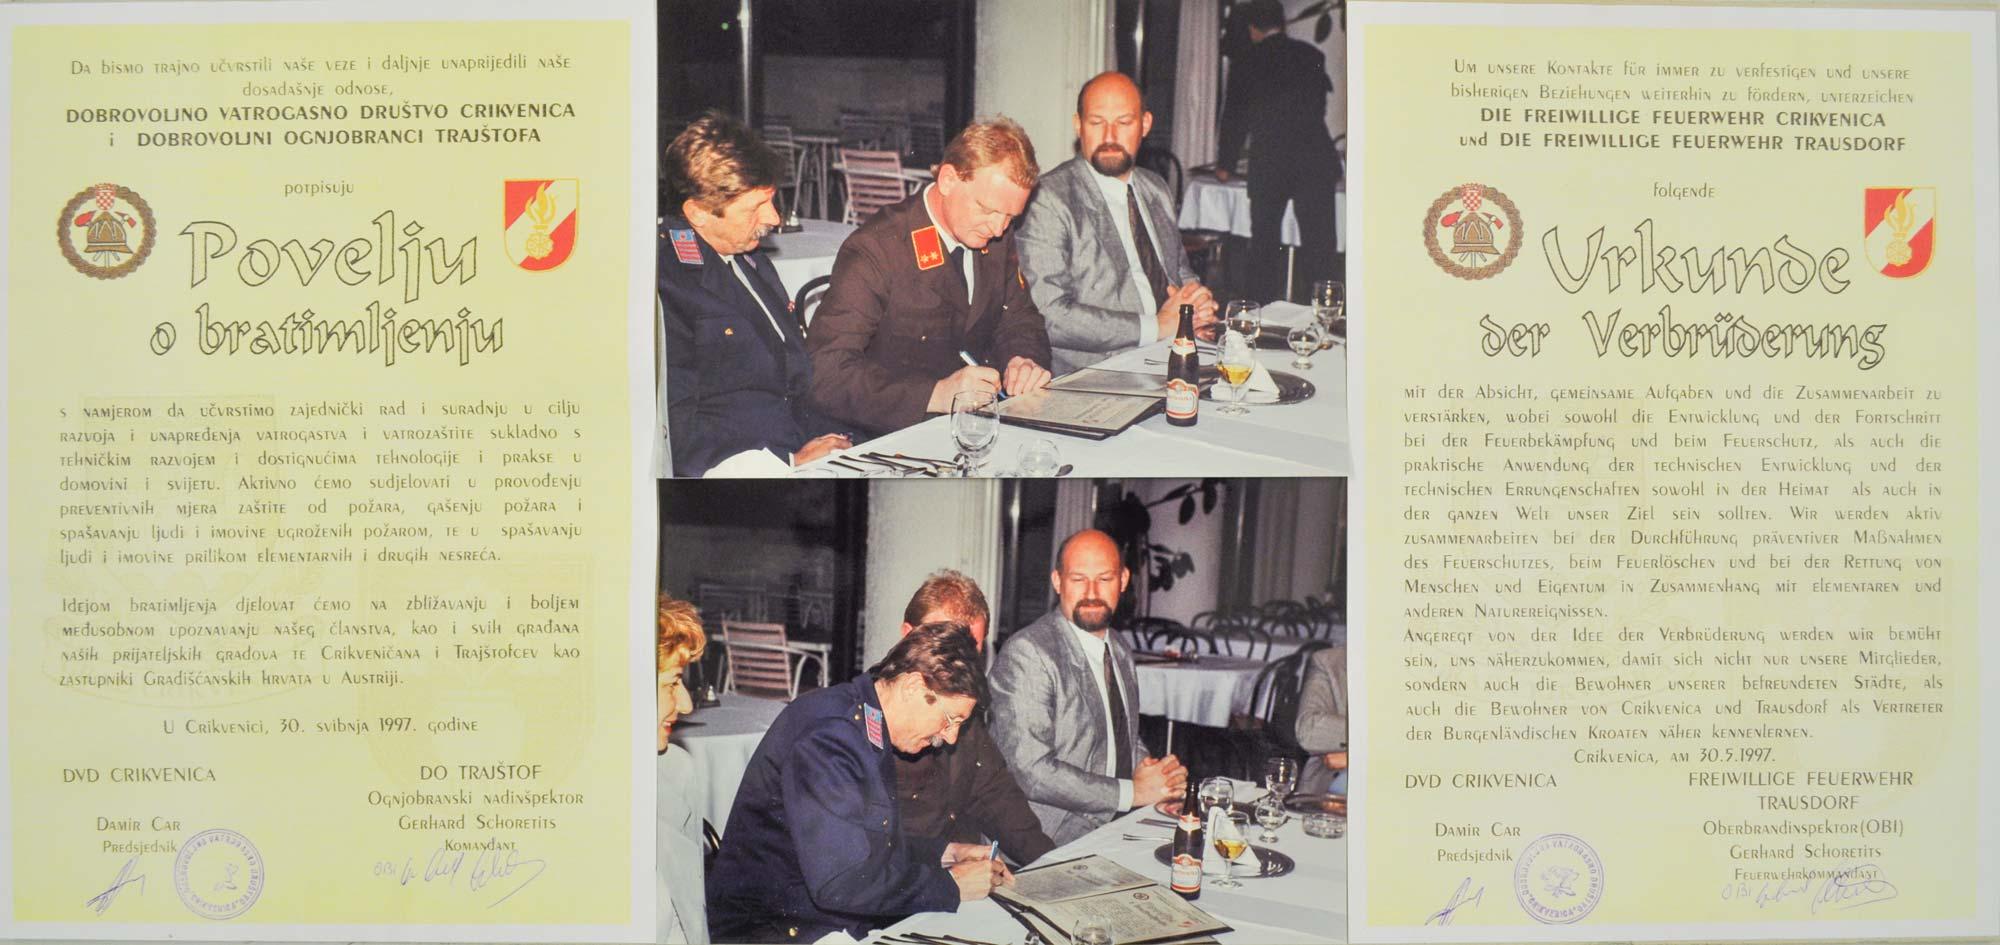 1997-Urkunde-FFT